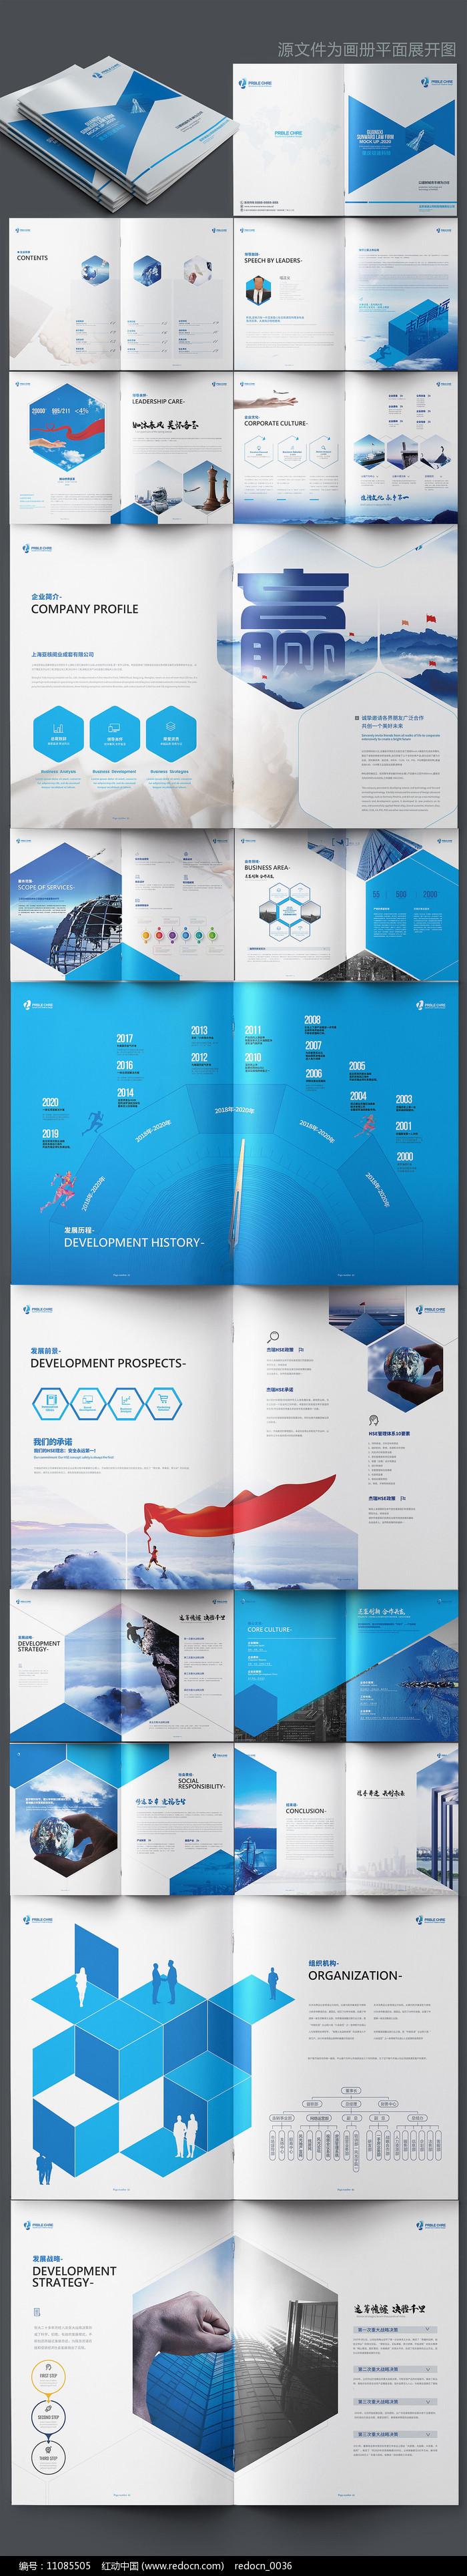 高端蓝色科技商务画册设计图片